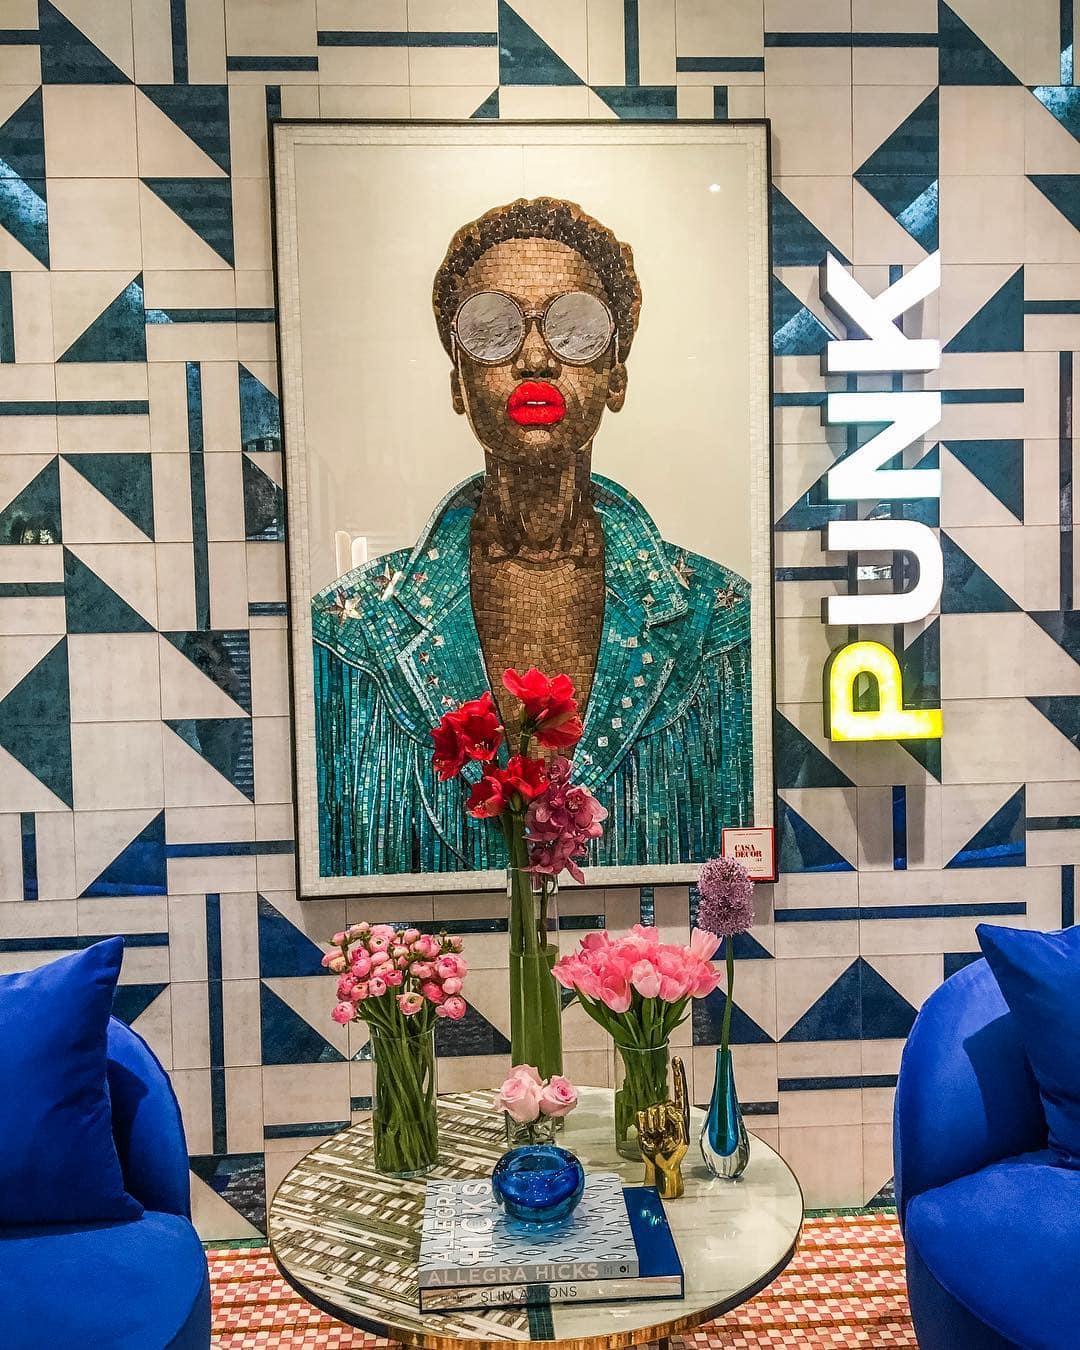 Wer auf der Suche nach Inspirationen für die nächste Renovierung ist, der sollte der Casa Decor in Madrid einen Besuch abstatten. Redakteurin Linda @gold_gelb konnte sich gar nicht satt sehen an den tollen Farben und Deko-Ideen und träumt schon jetzt vom nächsten Umzug. #madrid #casadecor #spain #reportervorort #mytinyatlas #decorationgoals #architecture #interiordesign #passionpassport #welivetoexplore